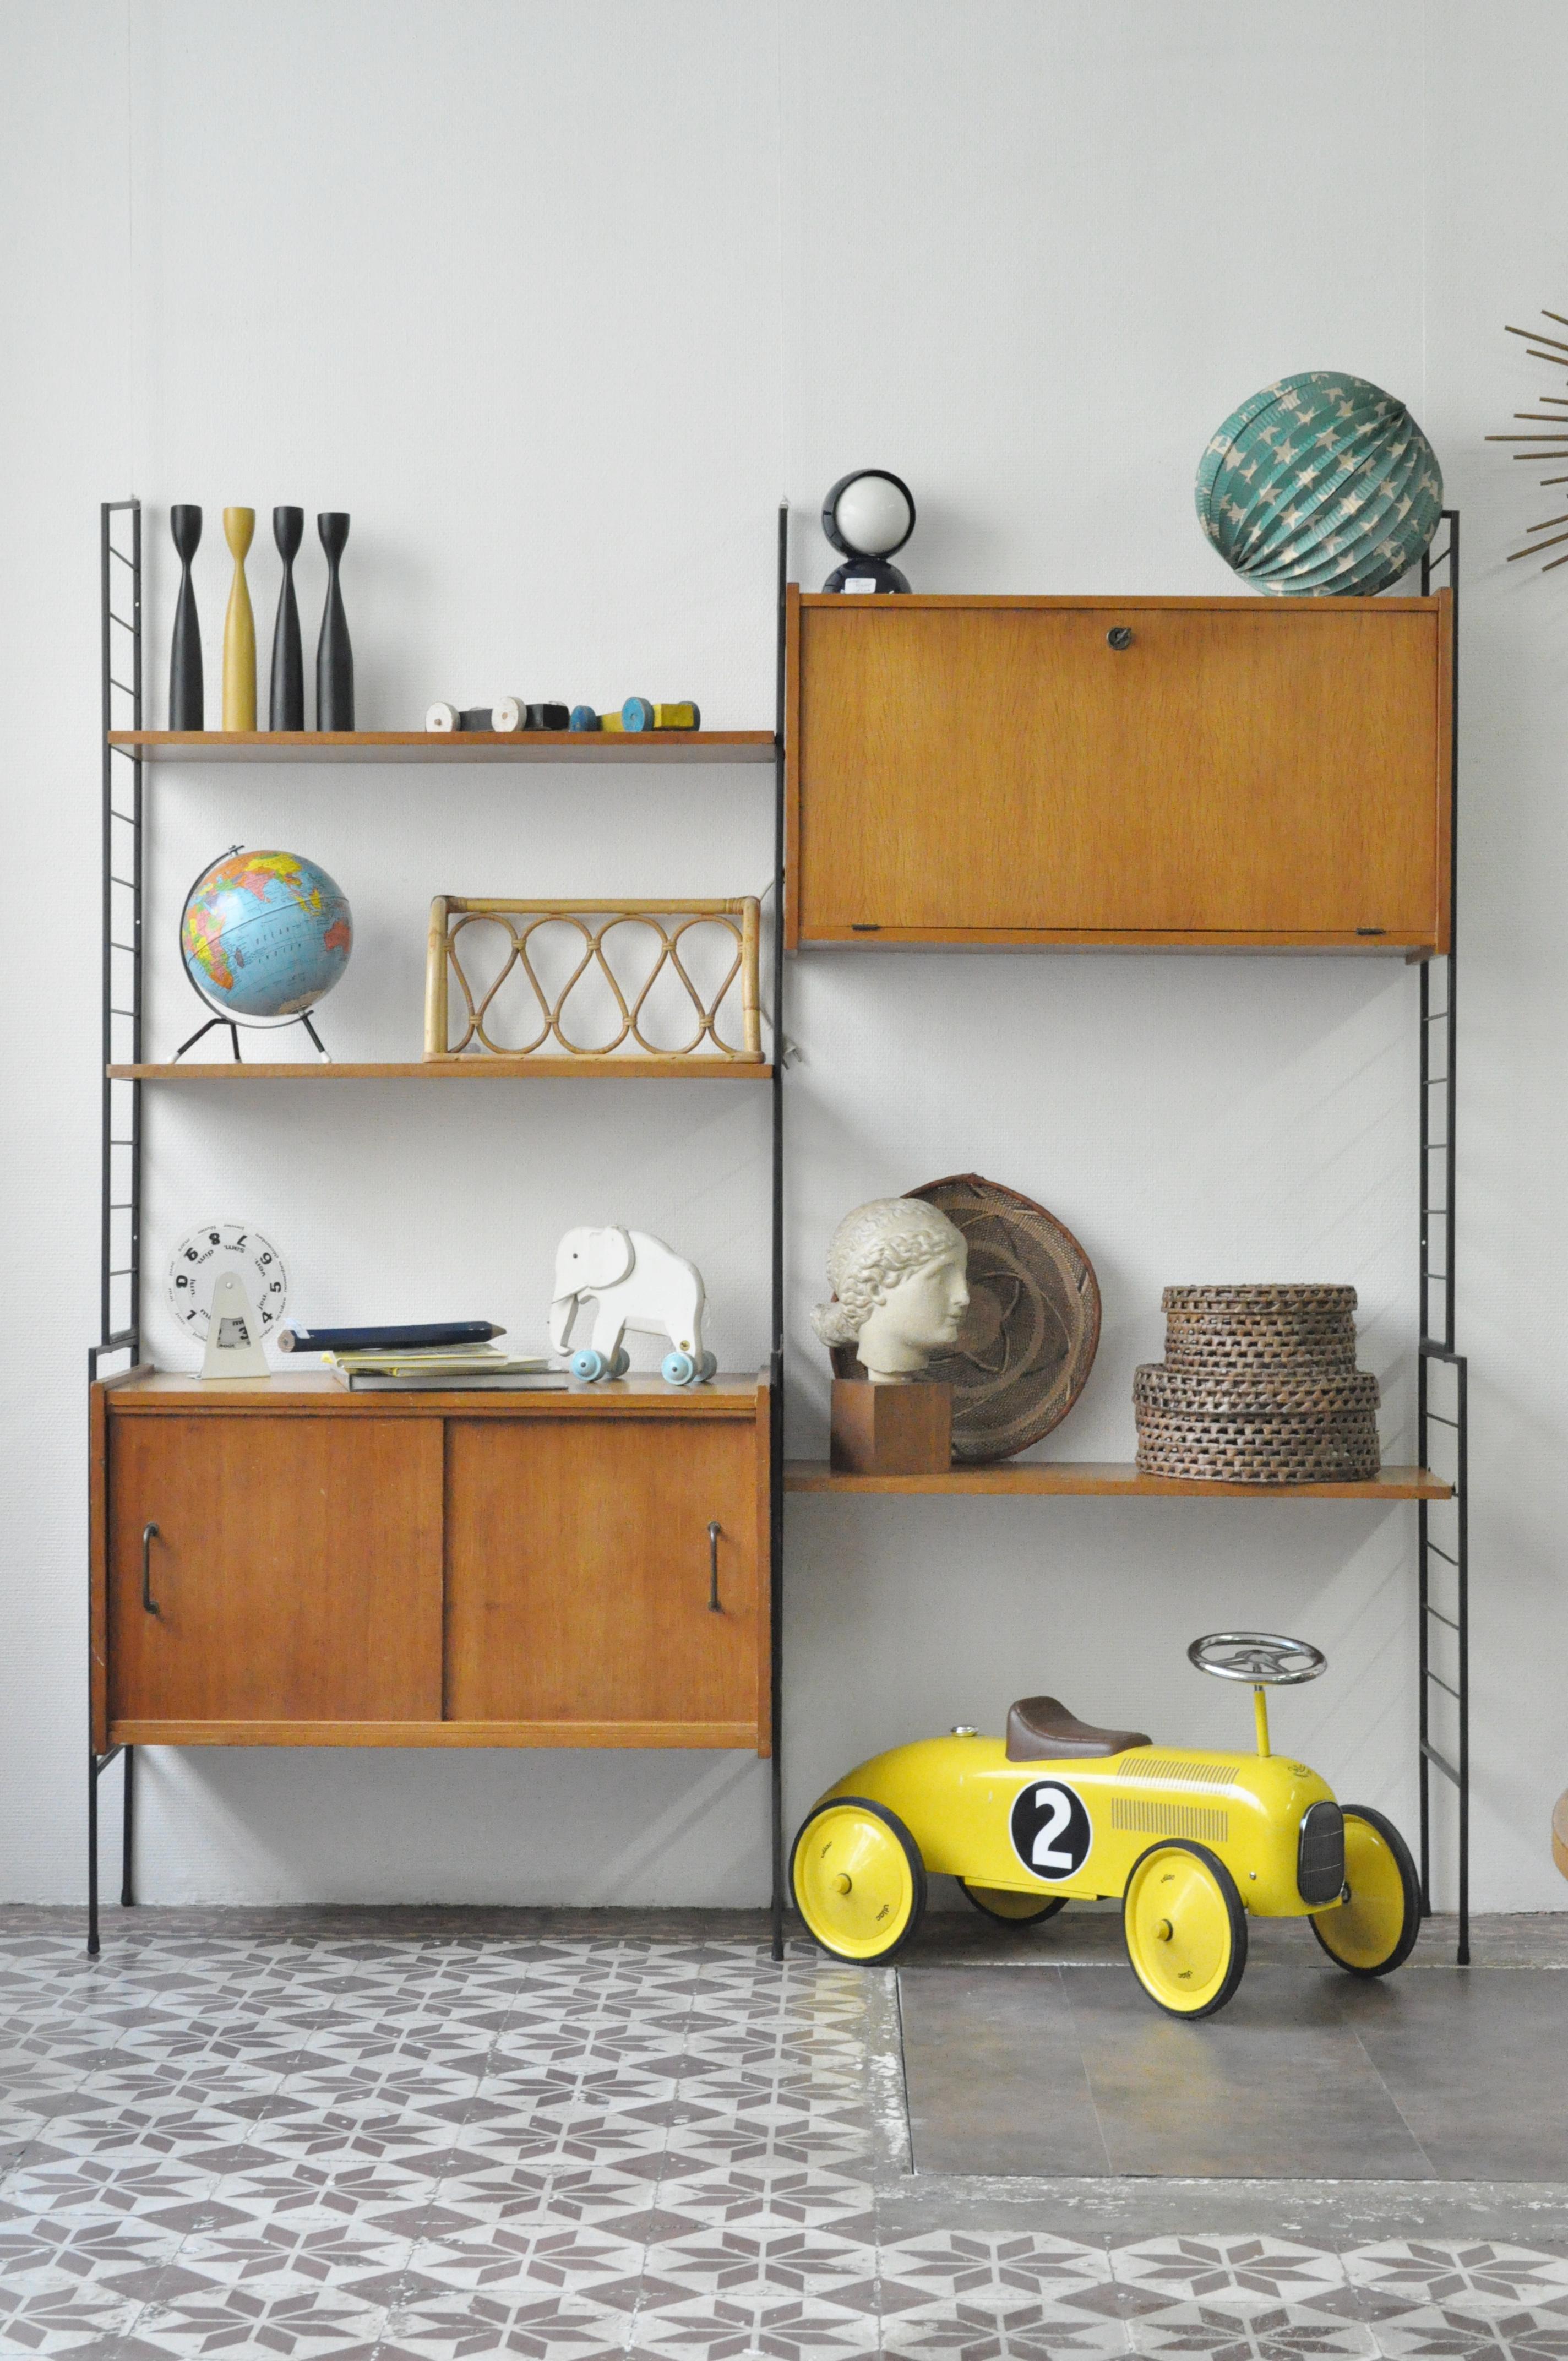 biblioth que modulable le vide grenier d 39 une parisienne. Black Bedroom Furniture Sets. Home Design Ideas